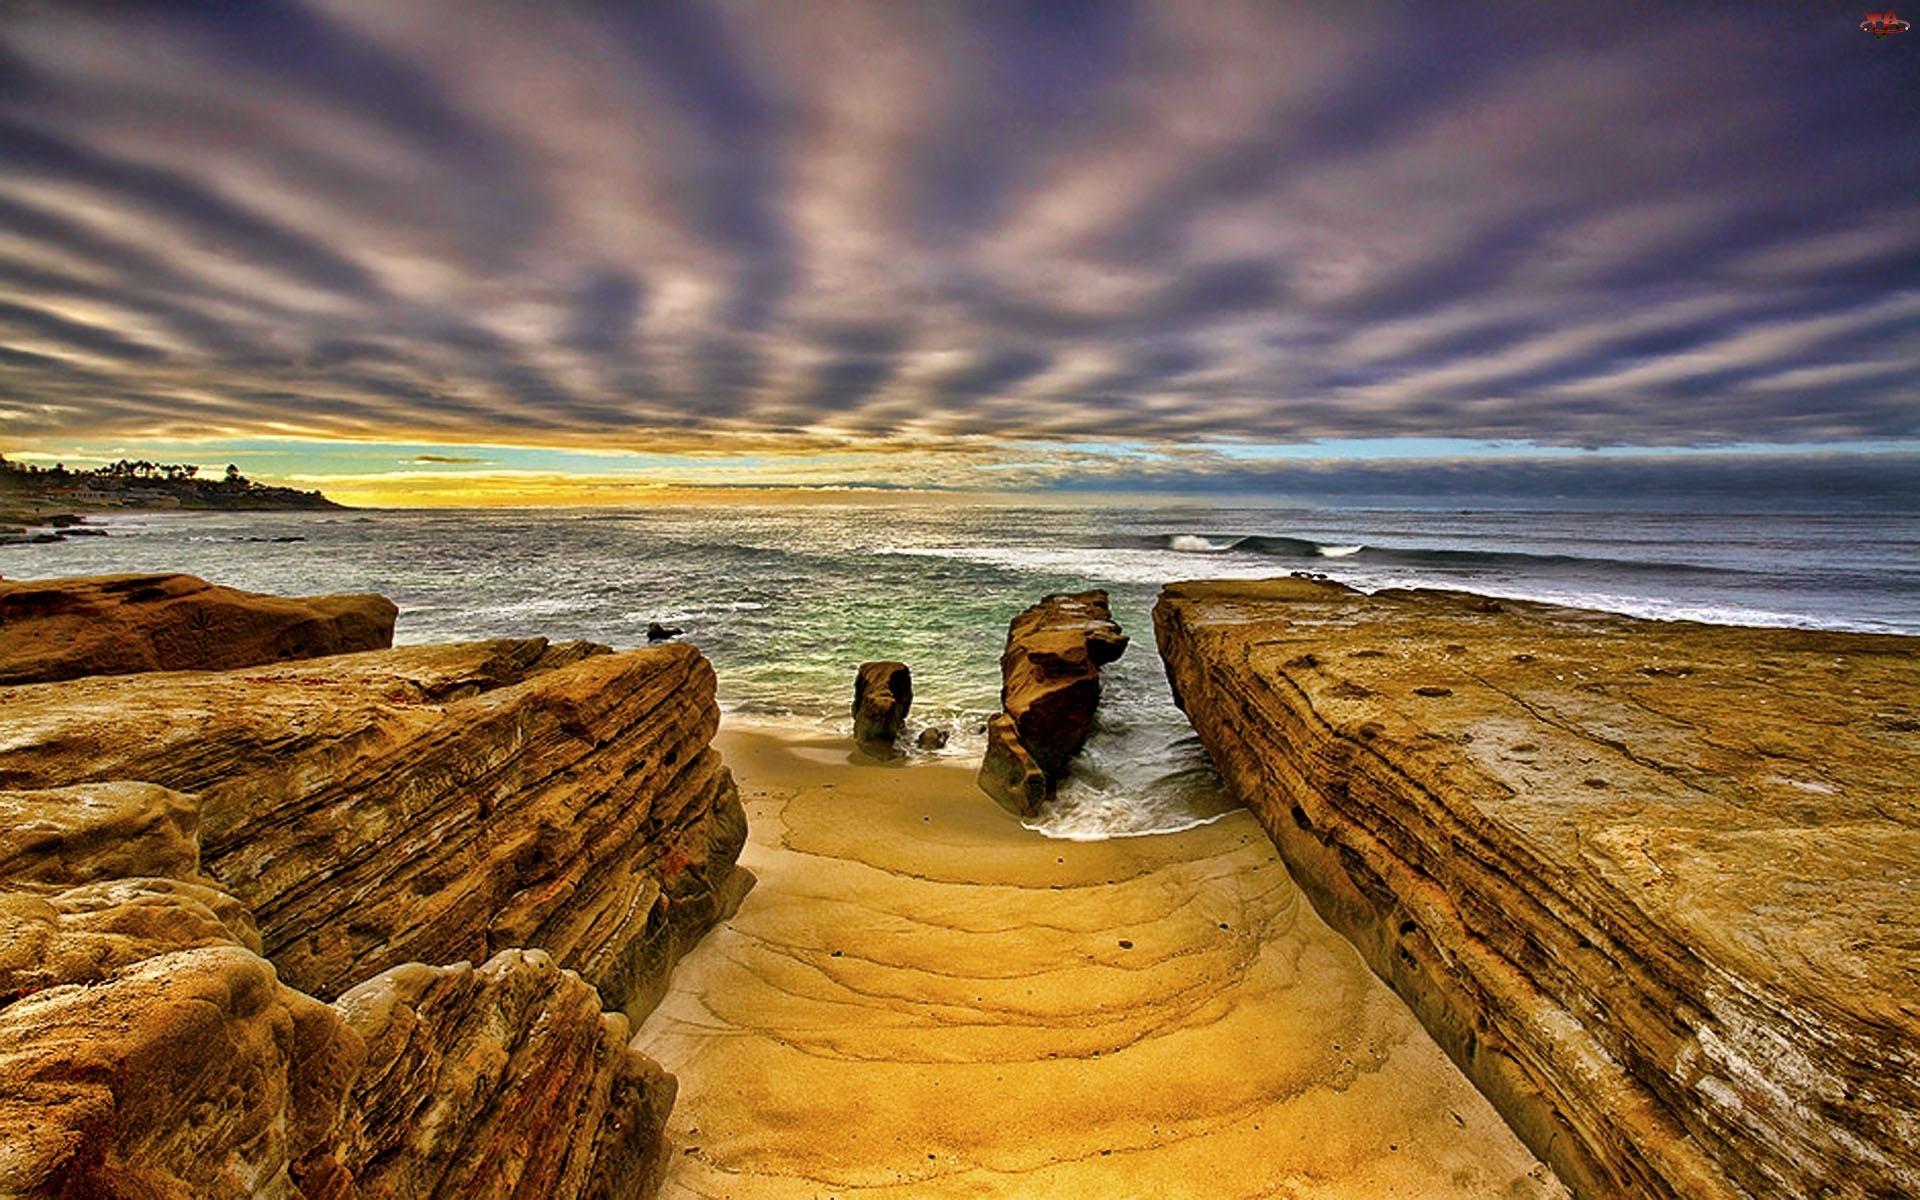 Skały, Morze, Plaża